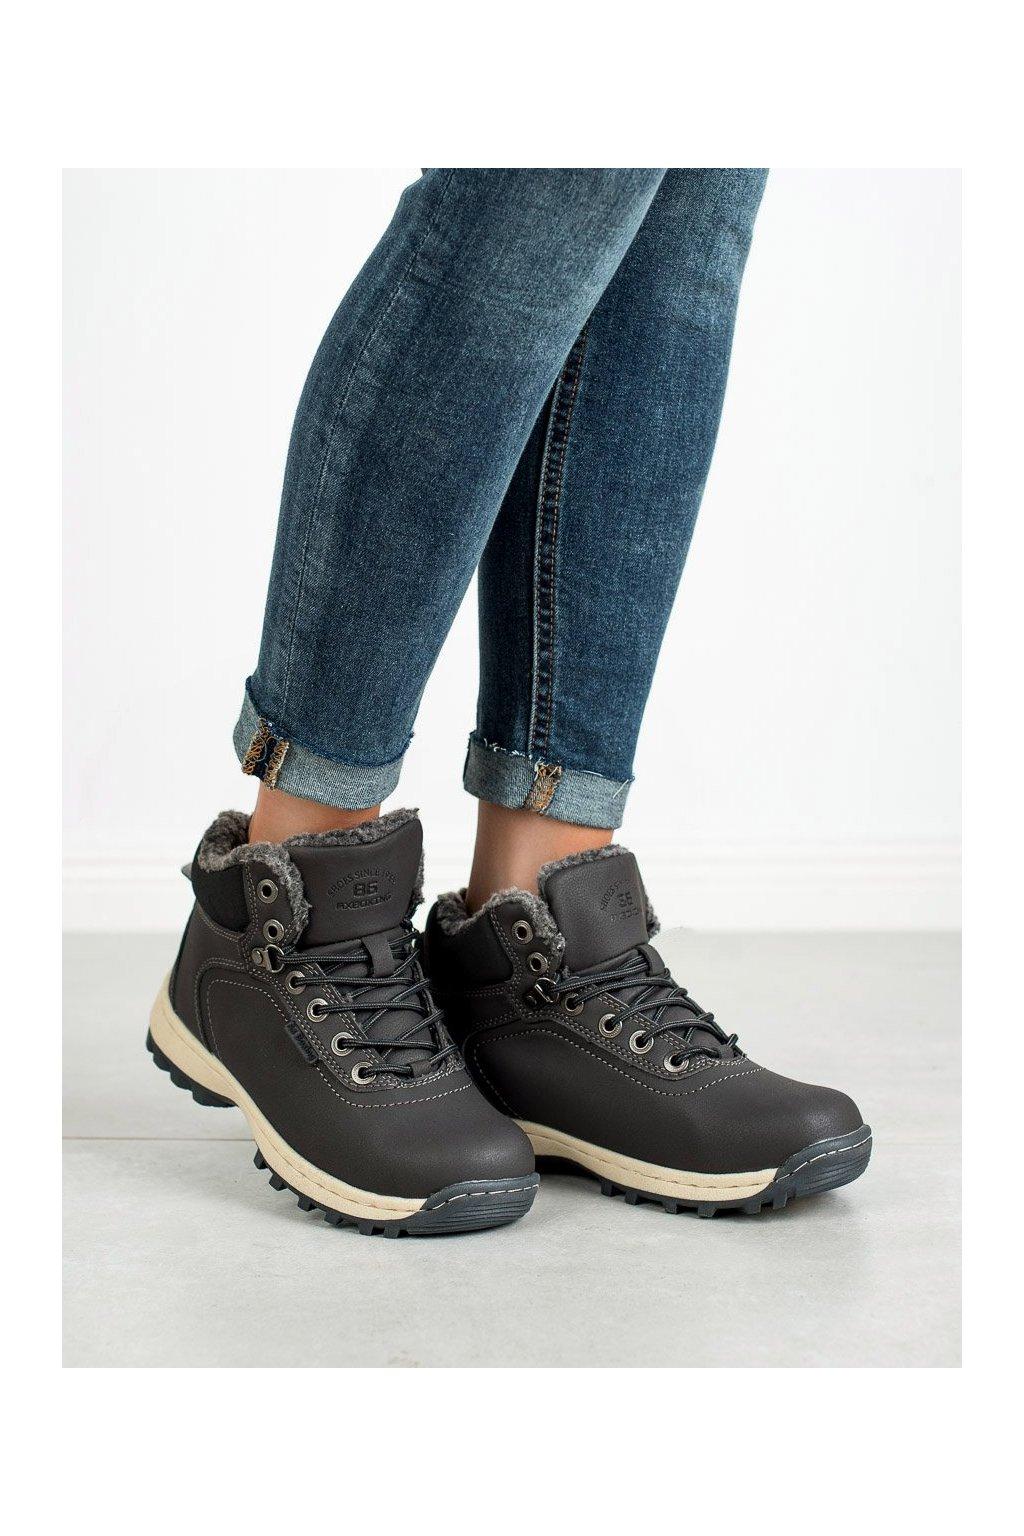 Sivé trekkingové dámske topánky Ax boxing kod BM97445-12D.G